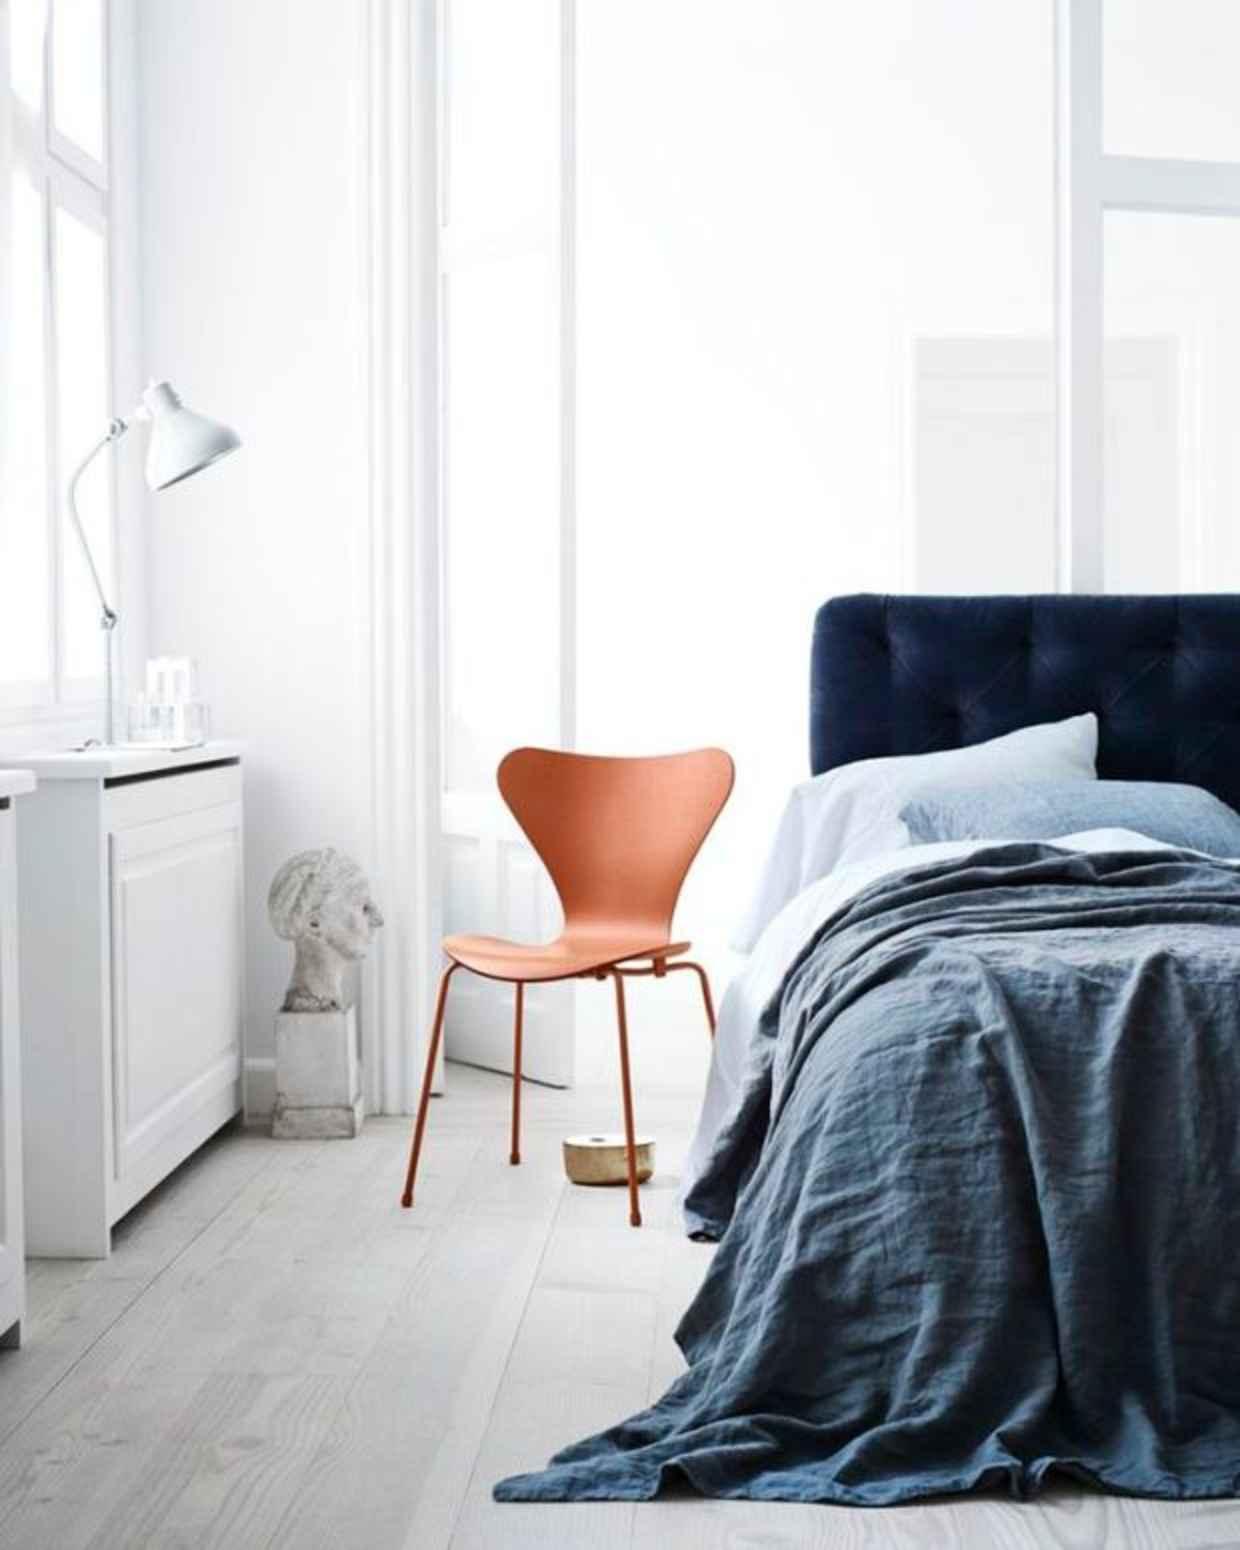 velvet_styling_interior_bedhead